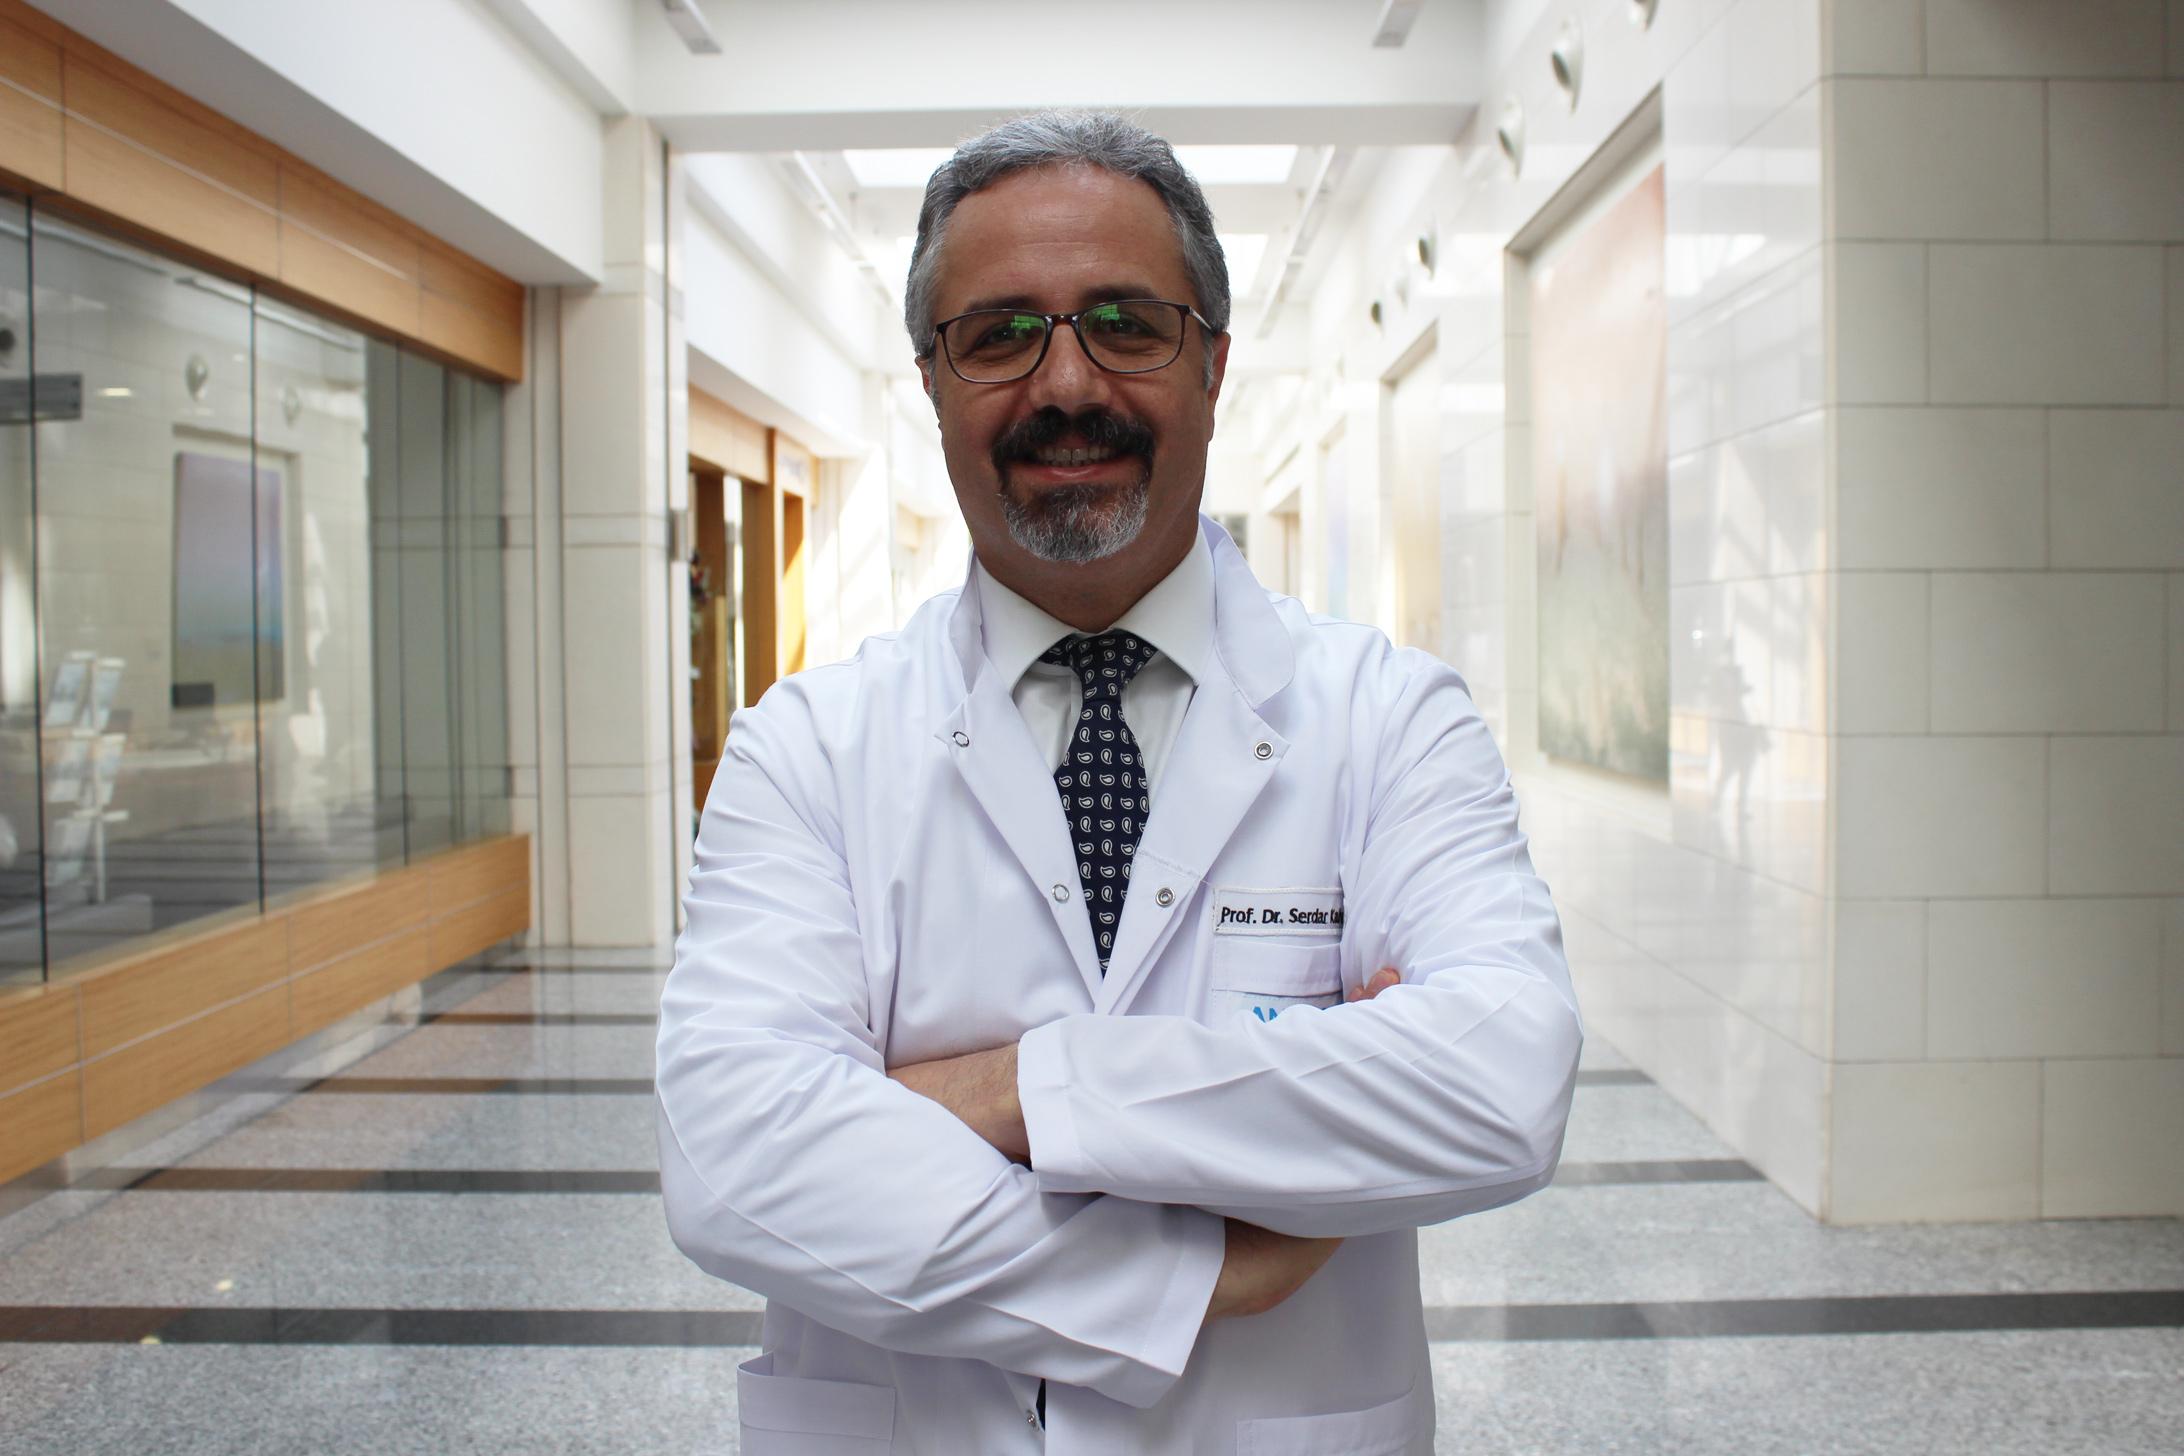 Сердар Кахраман — квалифицированная помощь в медицинском центре Anadolu